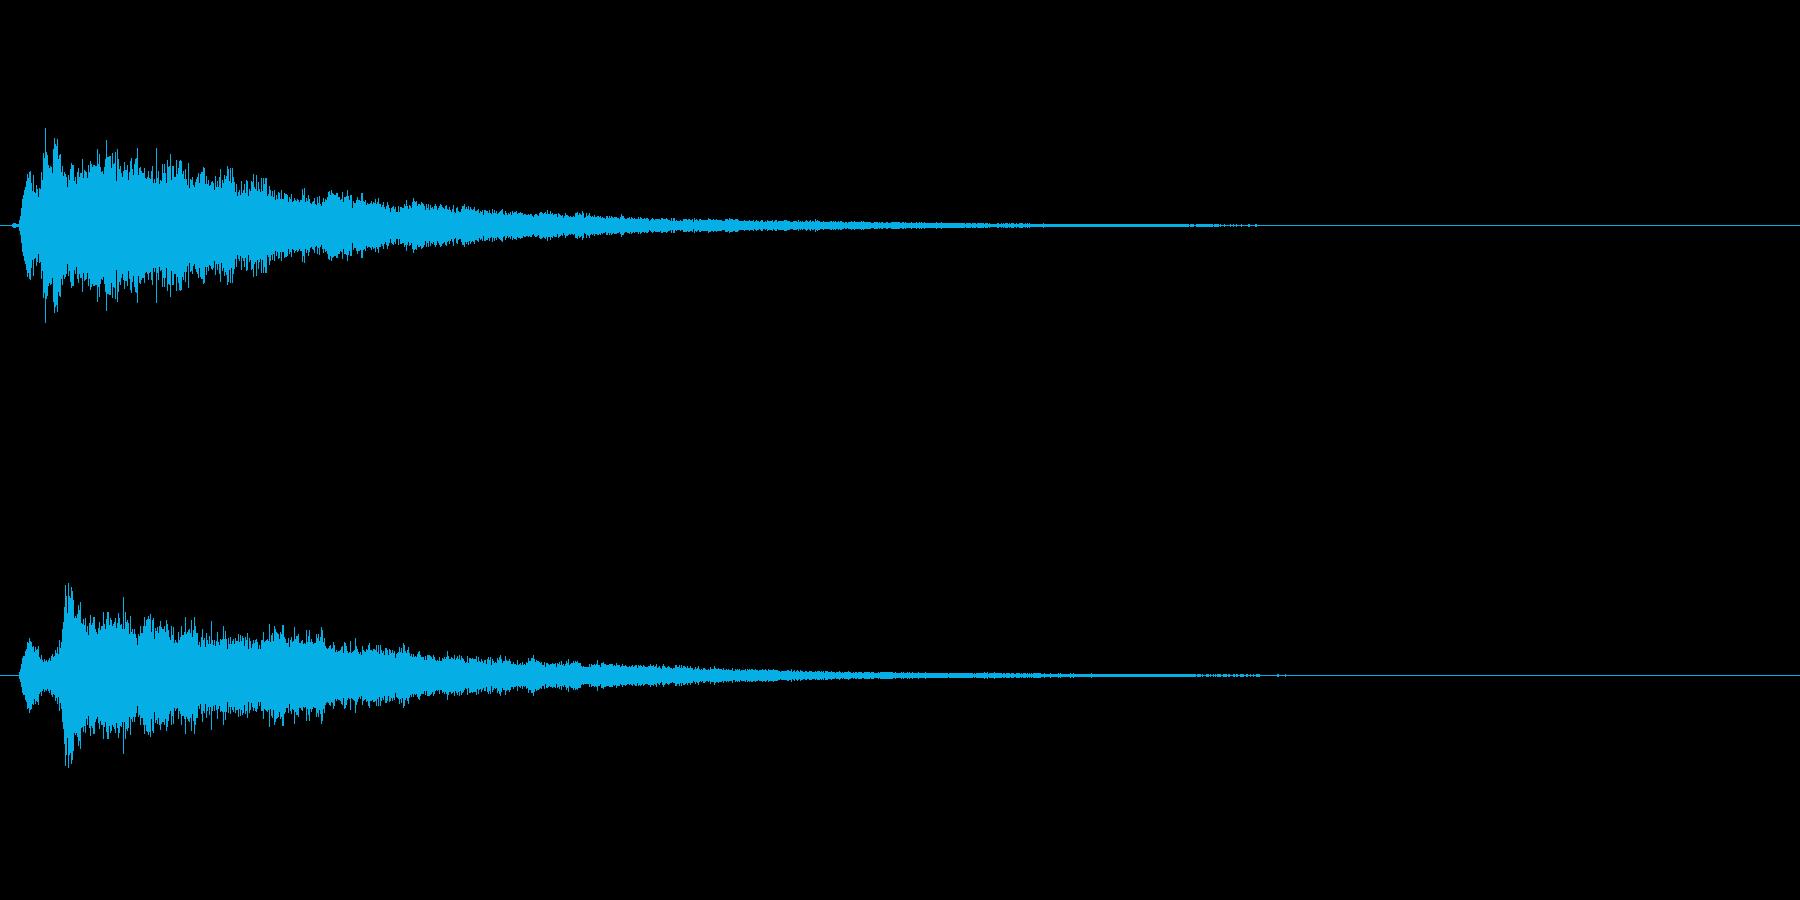 不穏、察知、予知、超能力、虫の知らせ-2の再生済みの波形